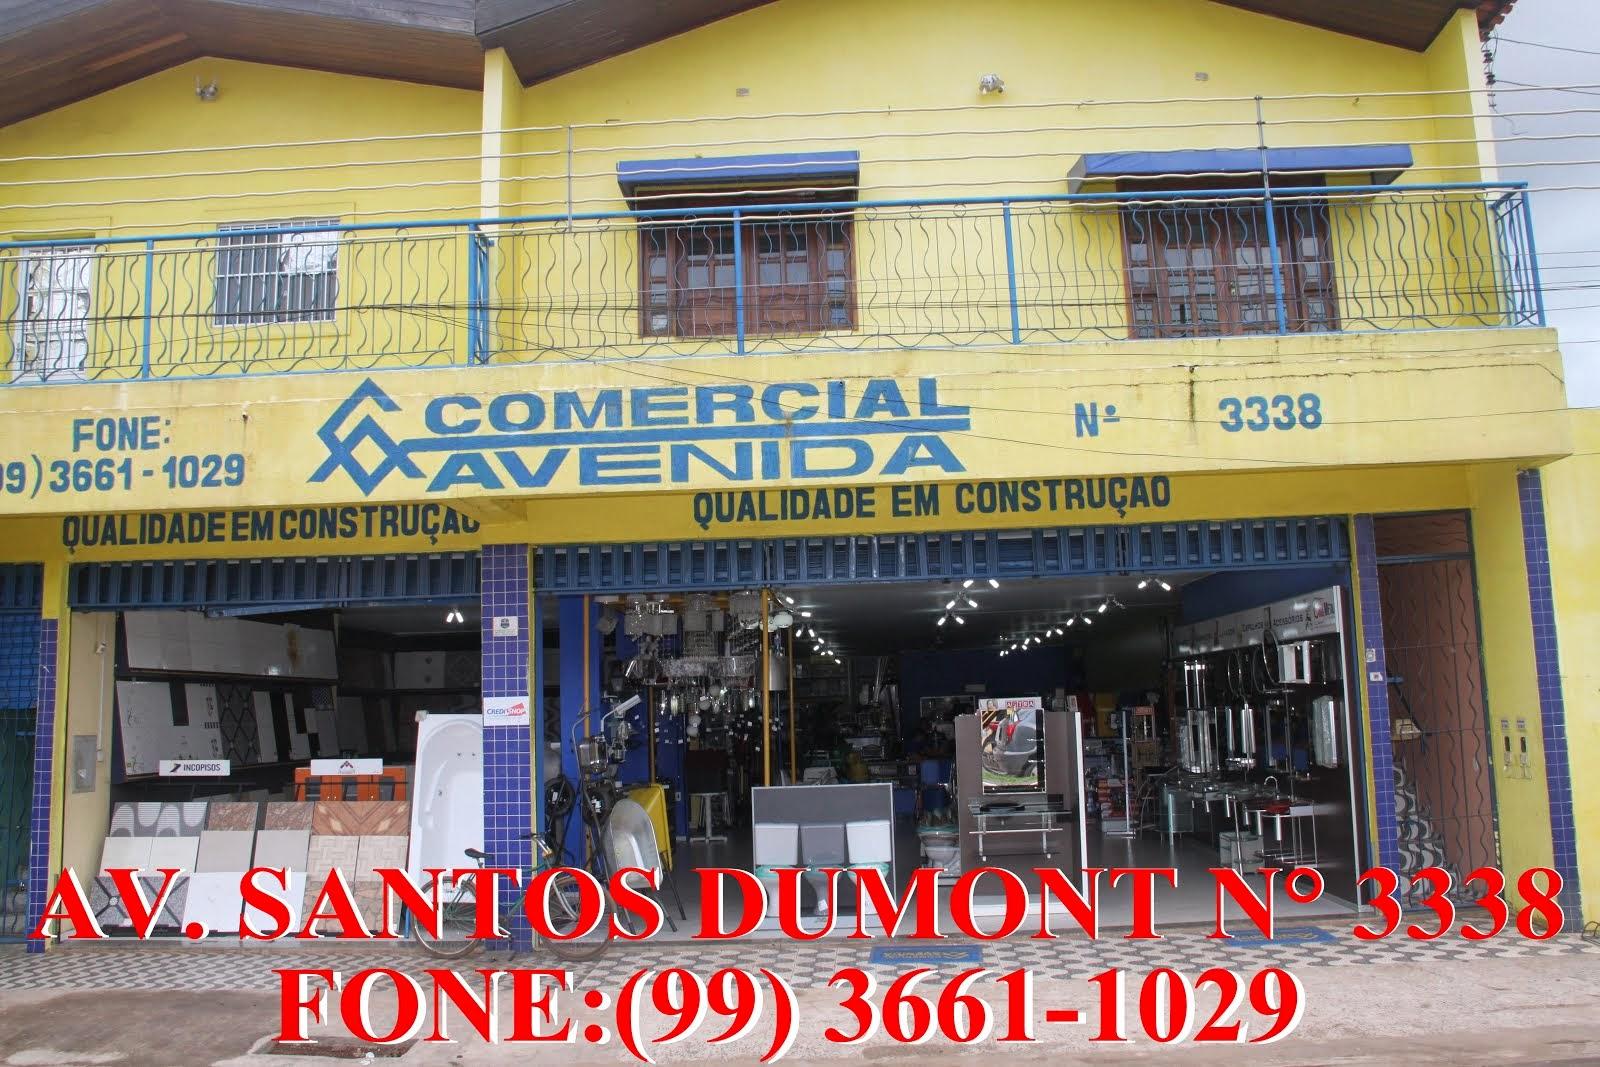 COMERCIAL AVENIDA - AV. SANTOS DUMONT Nº 3338 - FONE:(99) 3661-1029